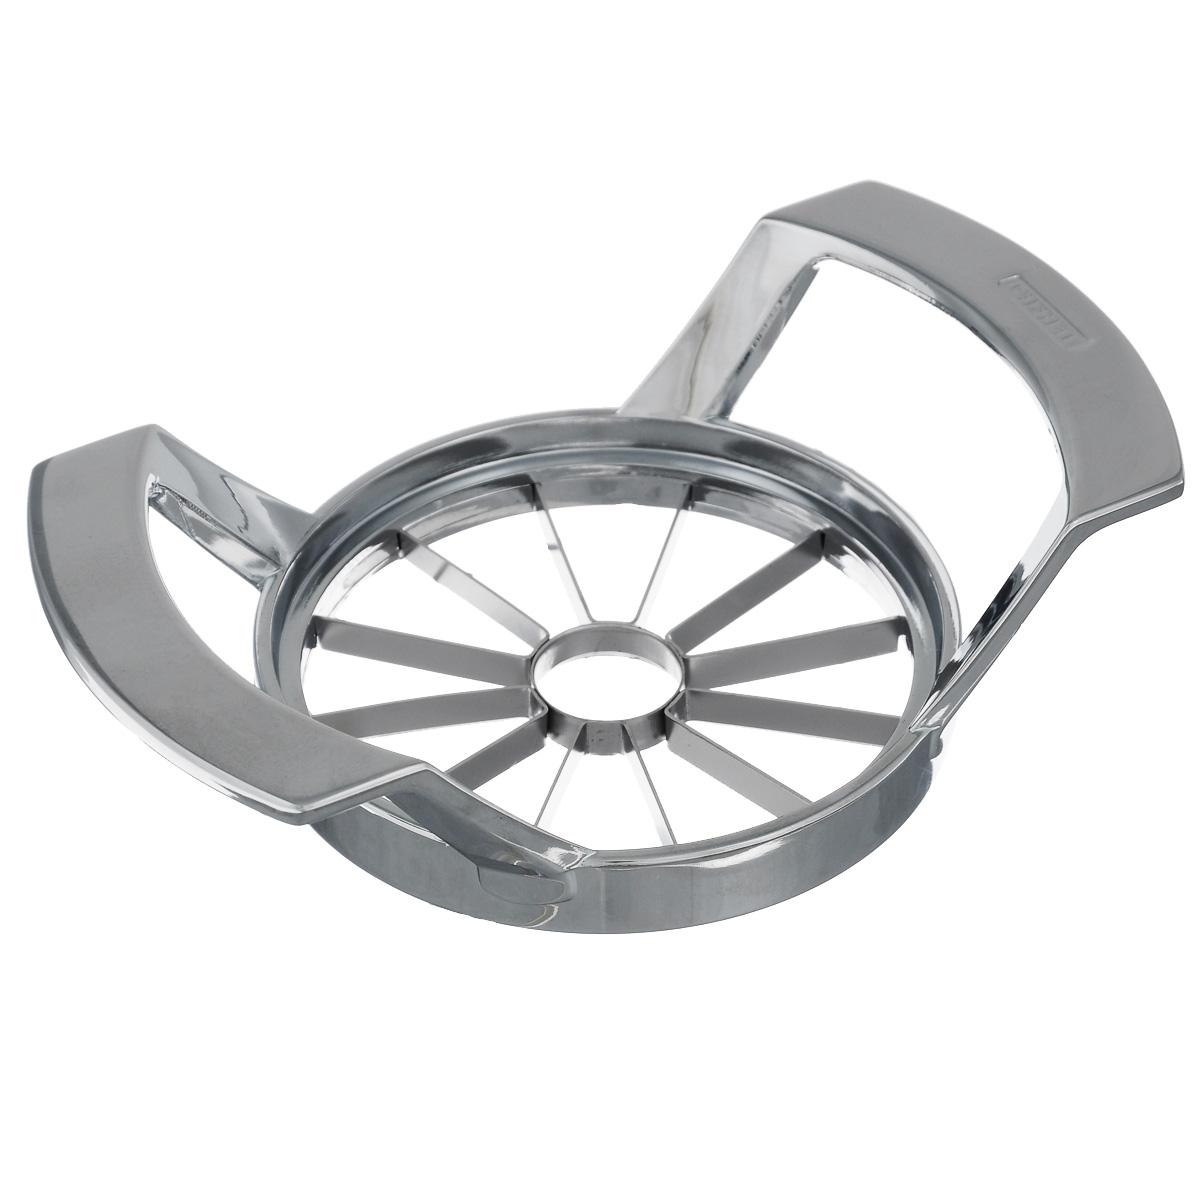 Яблокорезка Leifheit ProlineTK 0072Яблокорезка Leifheit Proline изготовлена из высококачественной нержавеющей стали. Чрезвычайно острые нержавеющие лезвия разделяют яблоко на 12 кусочков одинакового размера и, в тоже время, удаляют сердцевину. Яблокорезка Leifheit Proline станет прекрасным дополнением к коллекции ваших кухонных аксессуаров. Можно мыть в посудомоечной машине.